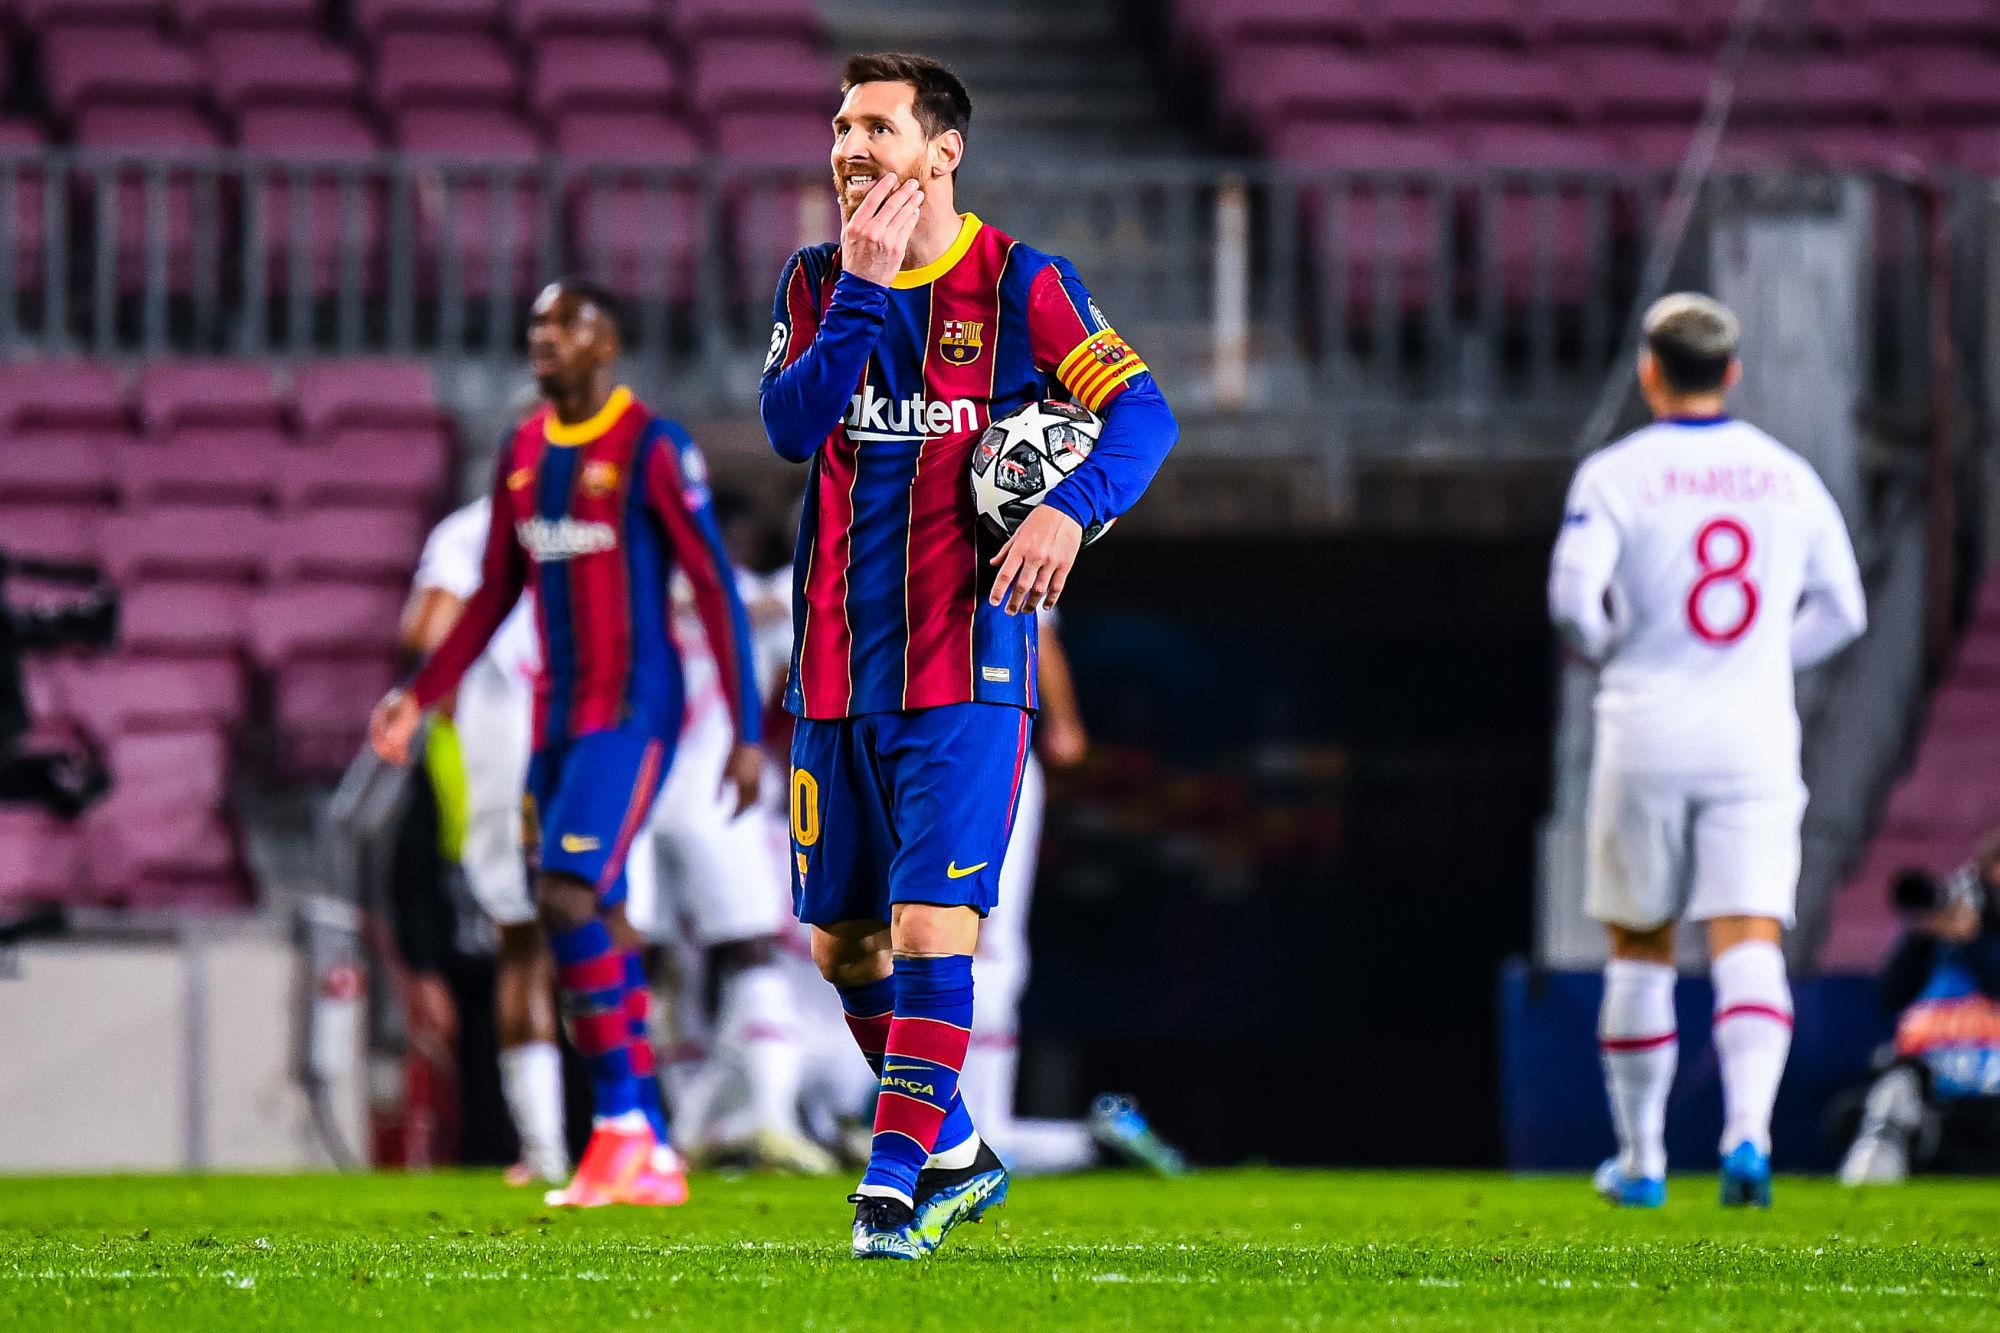 Mercato - Messi, évoqué au PSG, a refusé de prolonger au Barça